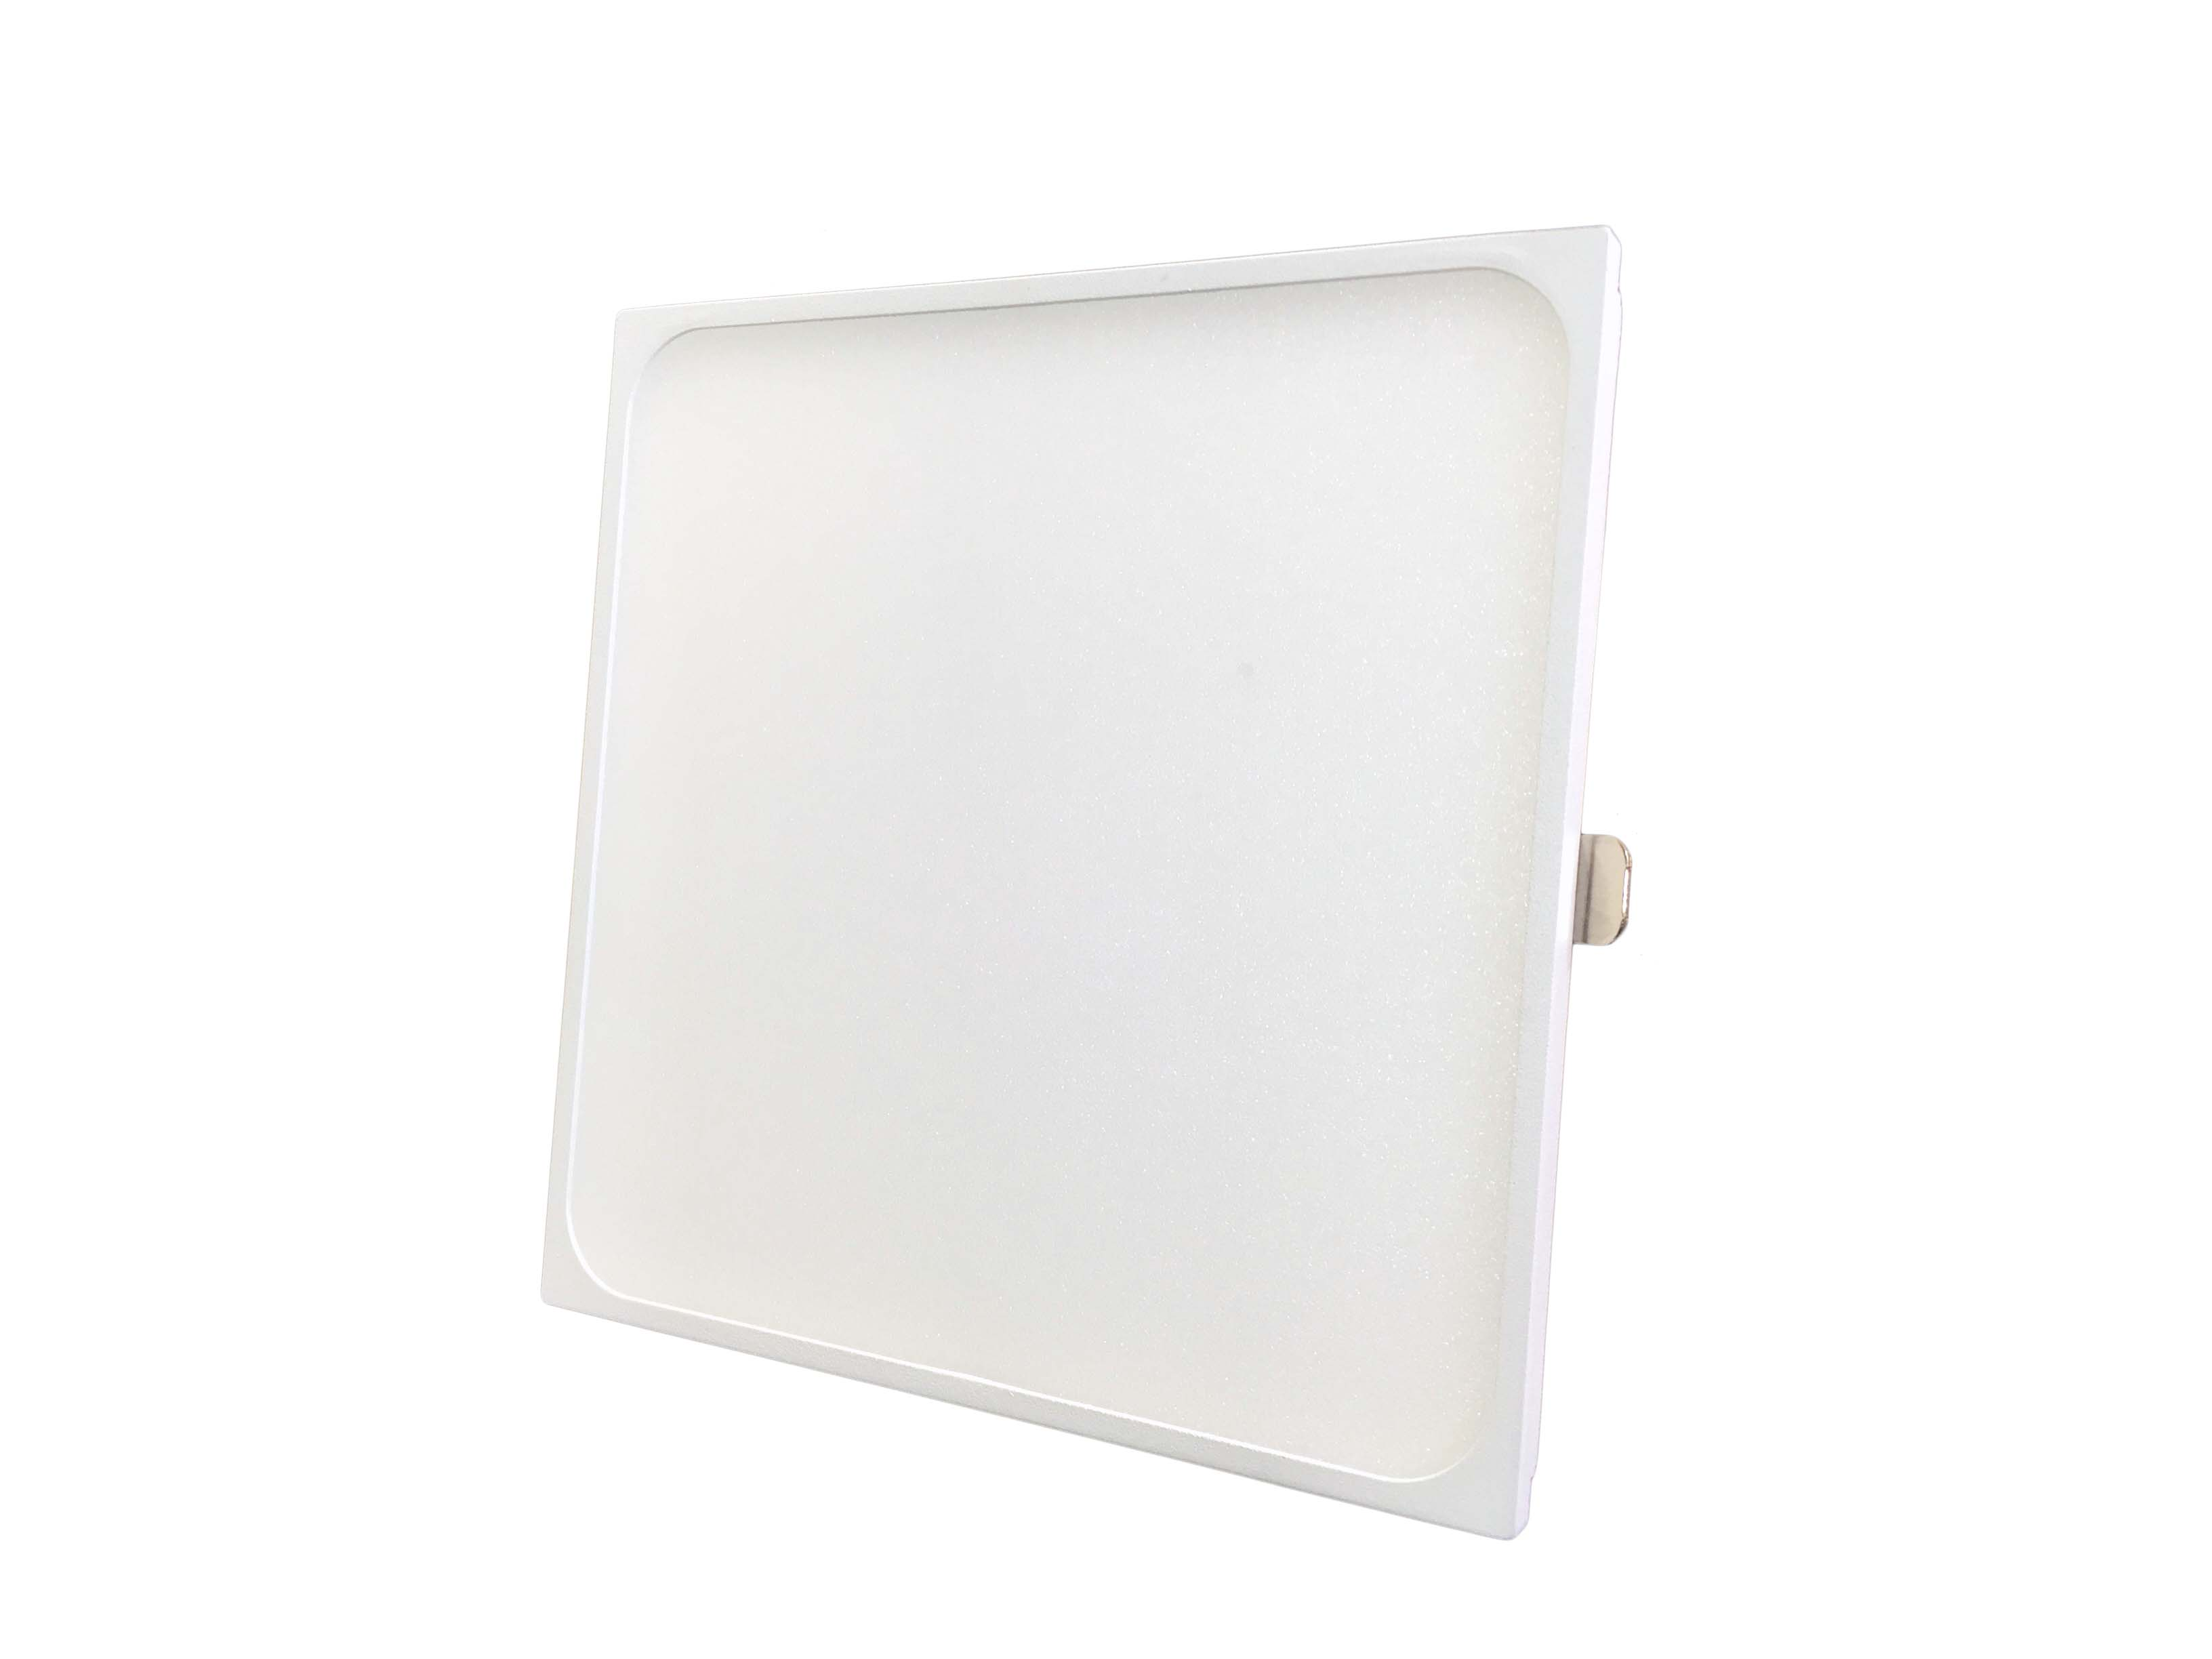 پنل SMD - DOWN LIGHT توکار مربع با لبه روکار در رنگهای آفتابی و مهتابی